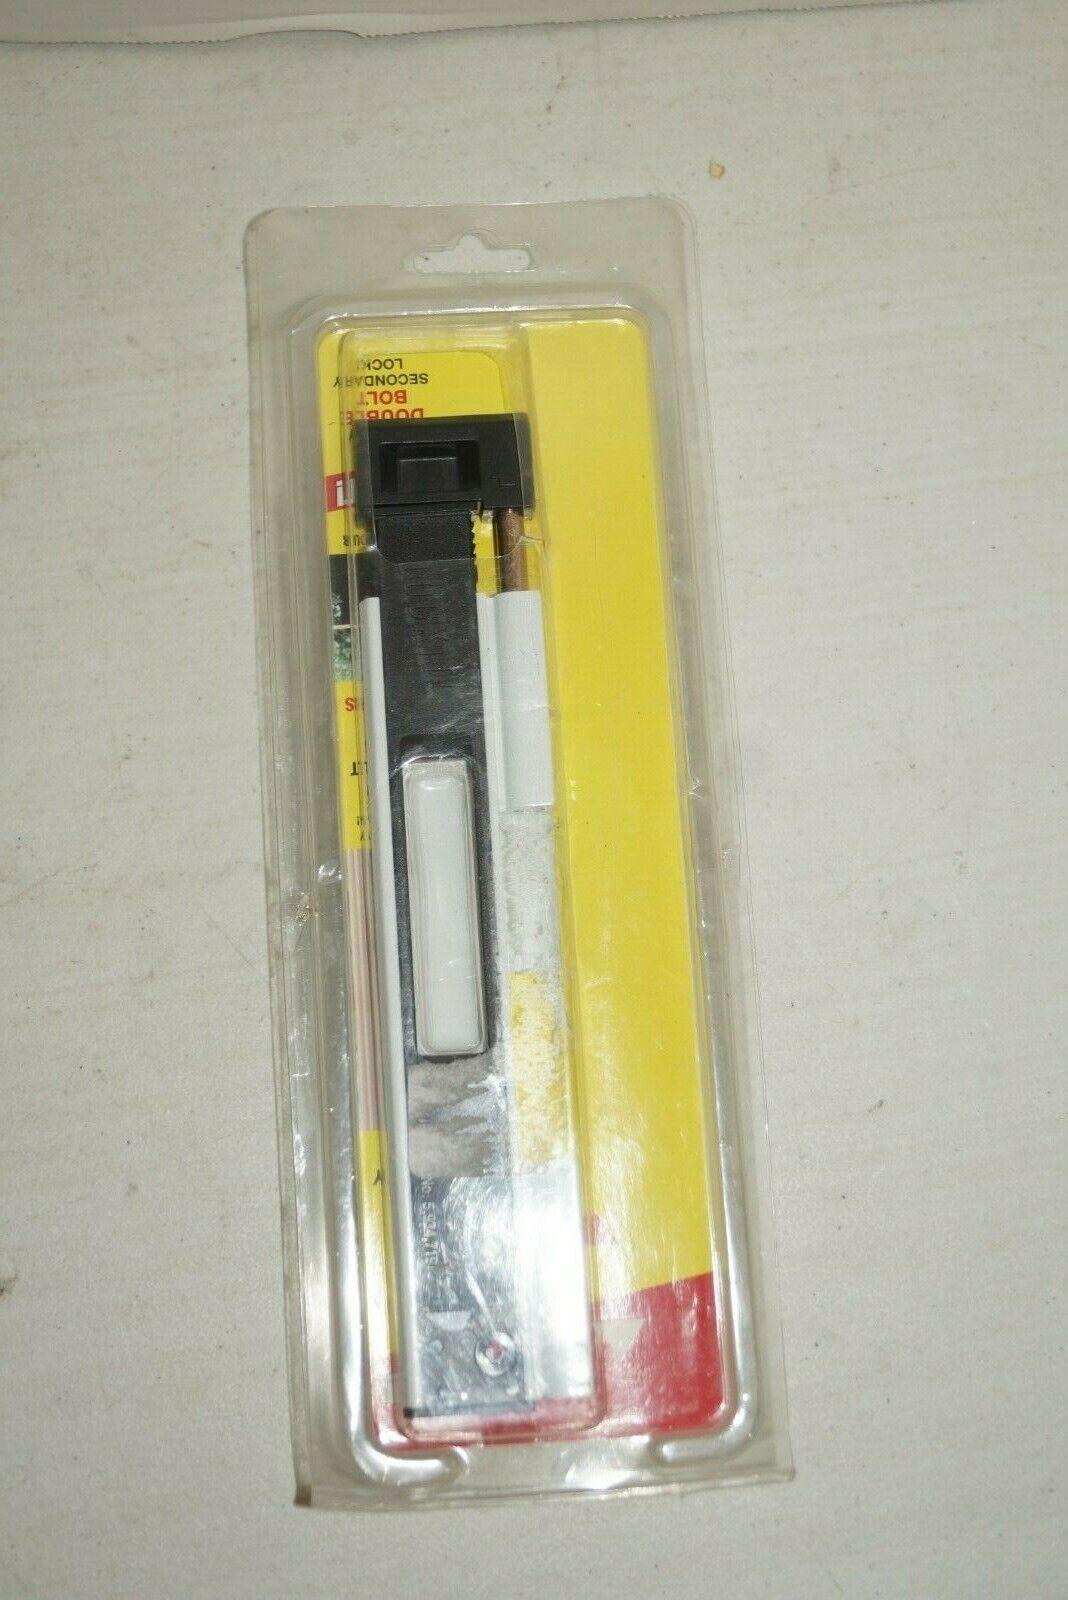 lockit 200100100 double bolt sliding glass door black white lock